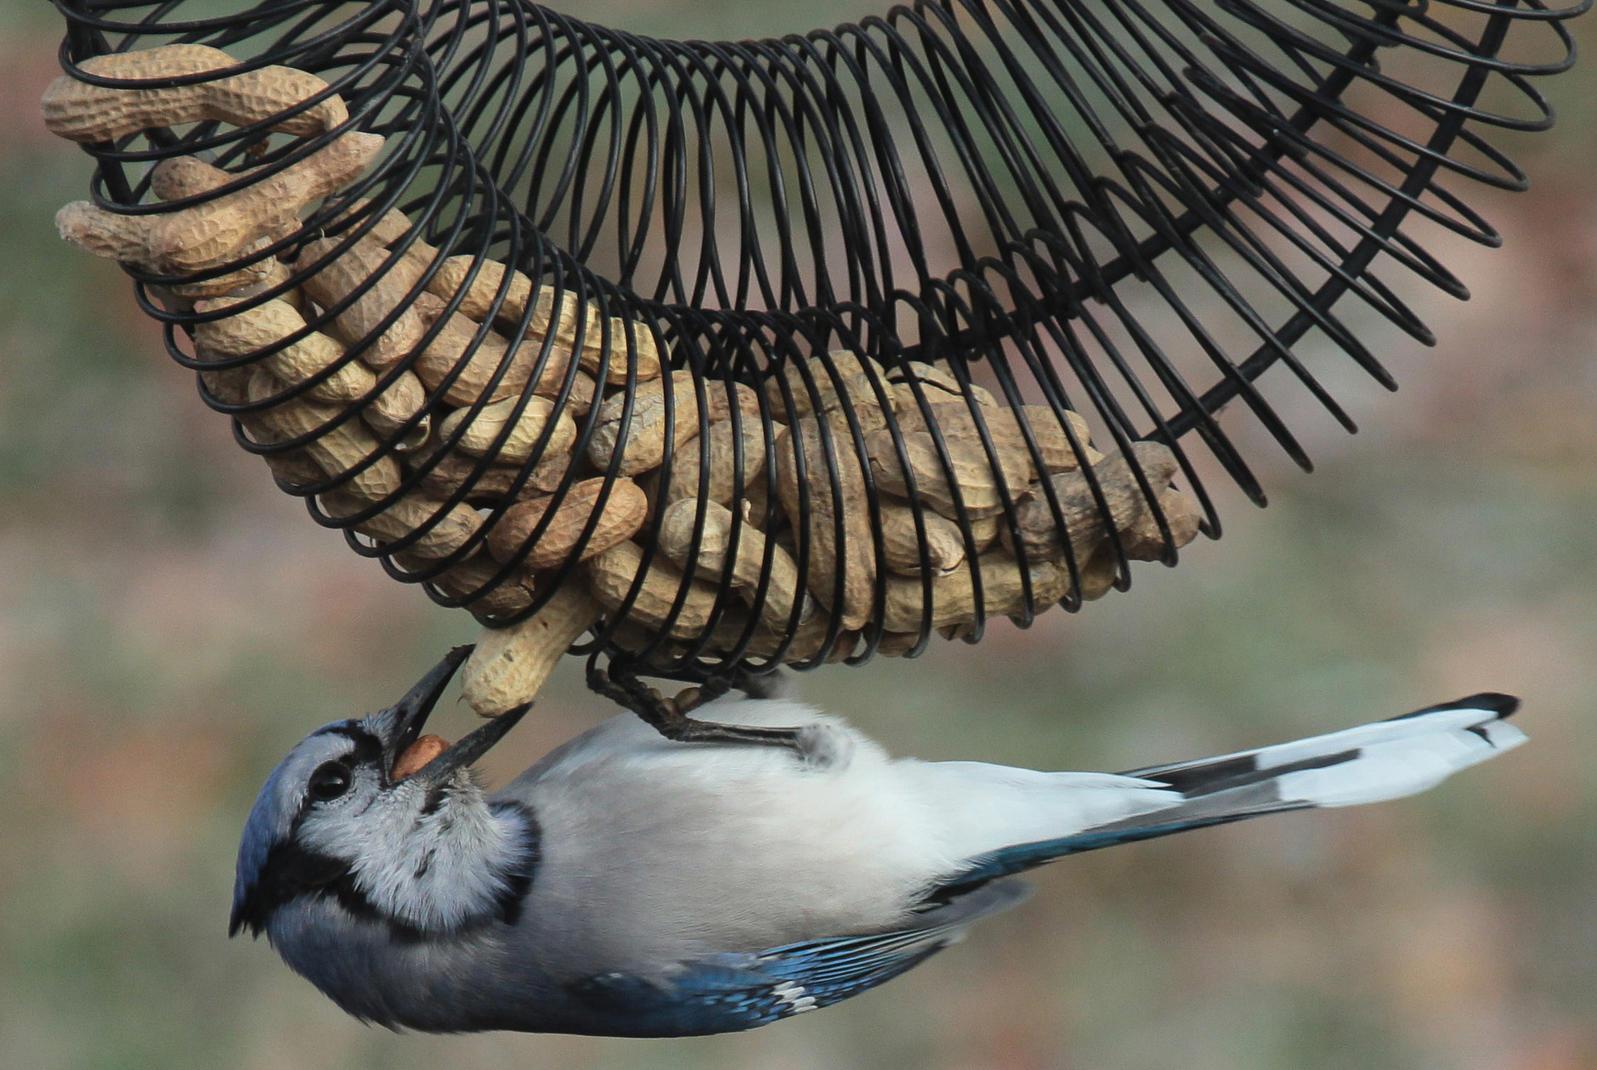 Blue Jay enjoying an in-shell peanut wreath feeder.